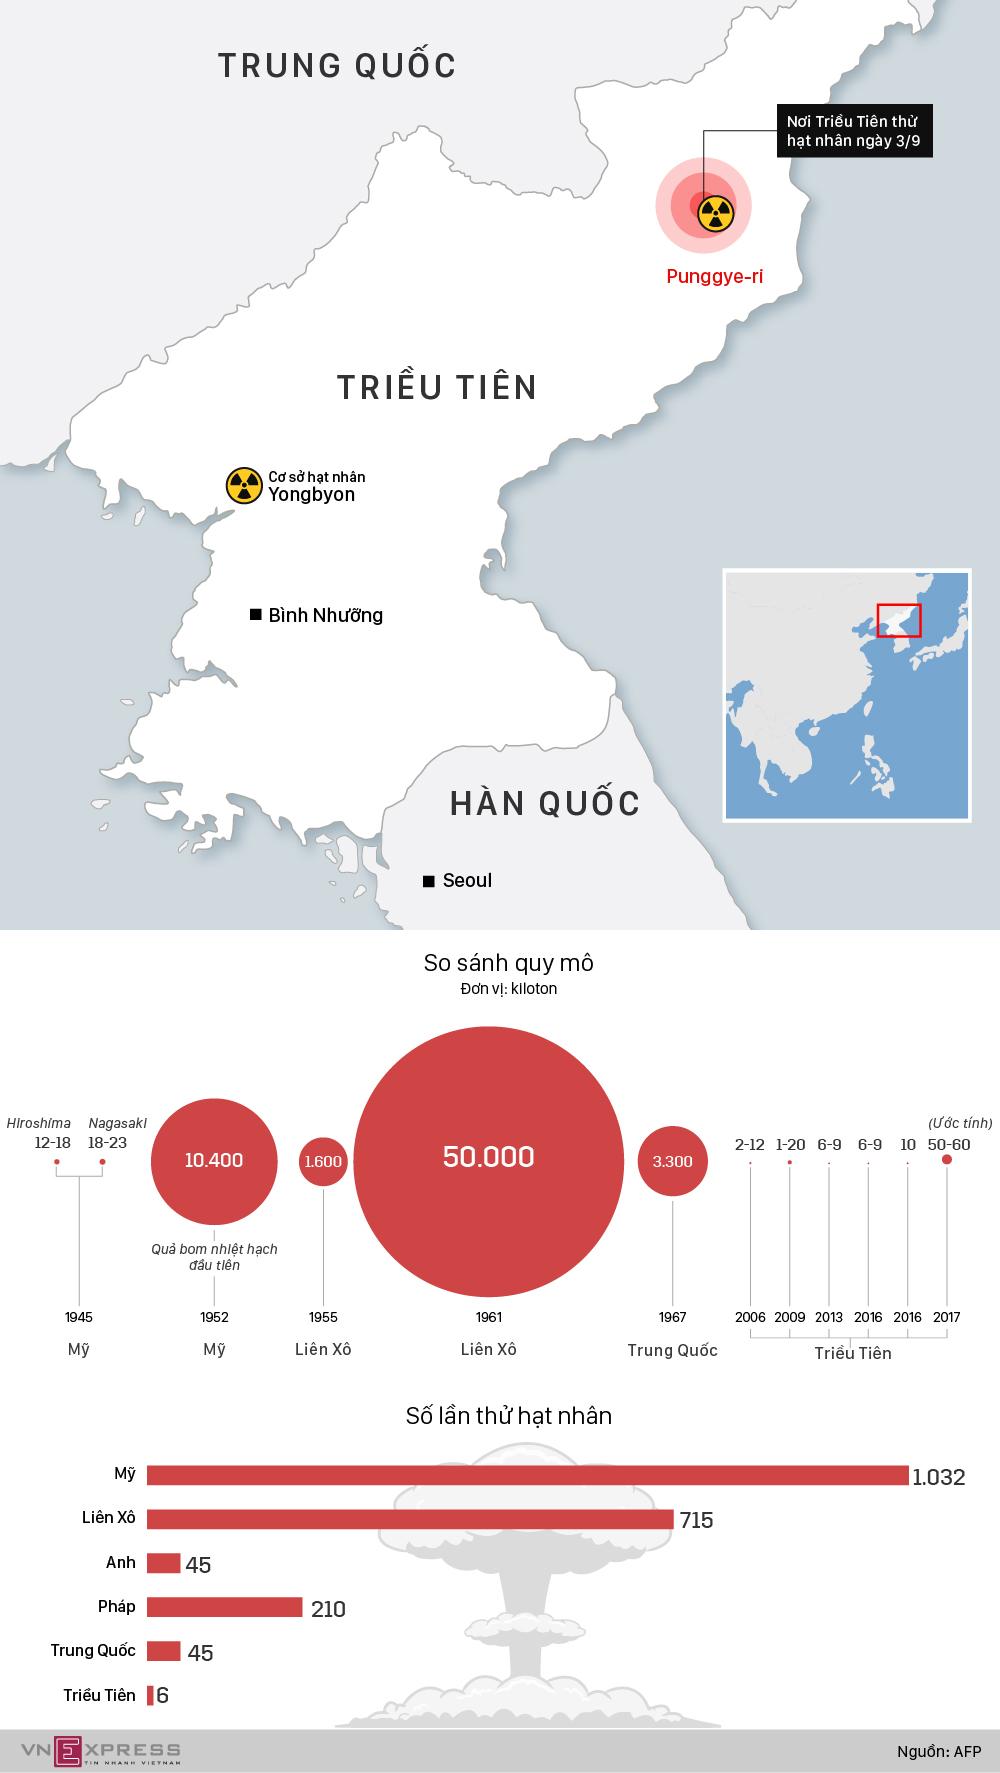 Lần thử hạt nhân thứ sáu uy lực nhất của Triều Tiên